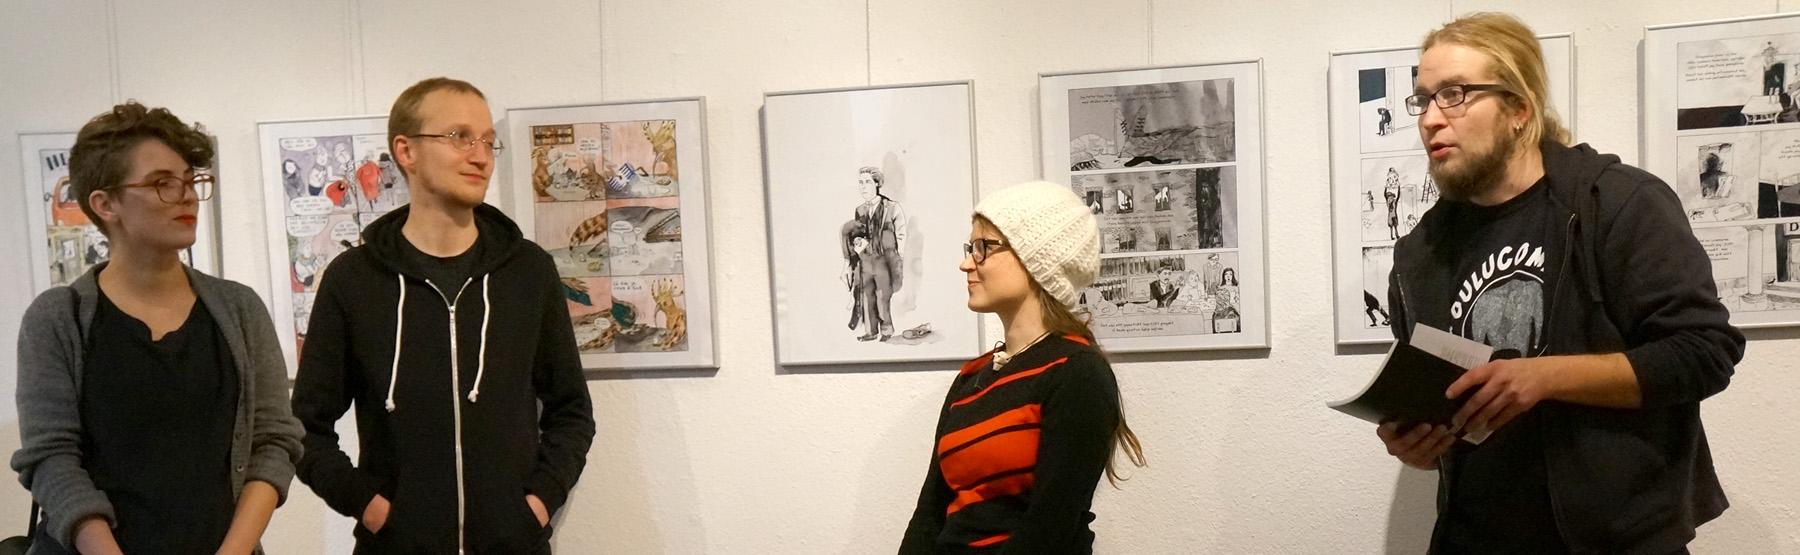 Pohjoismainen sarjakuvakilpailu